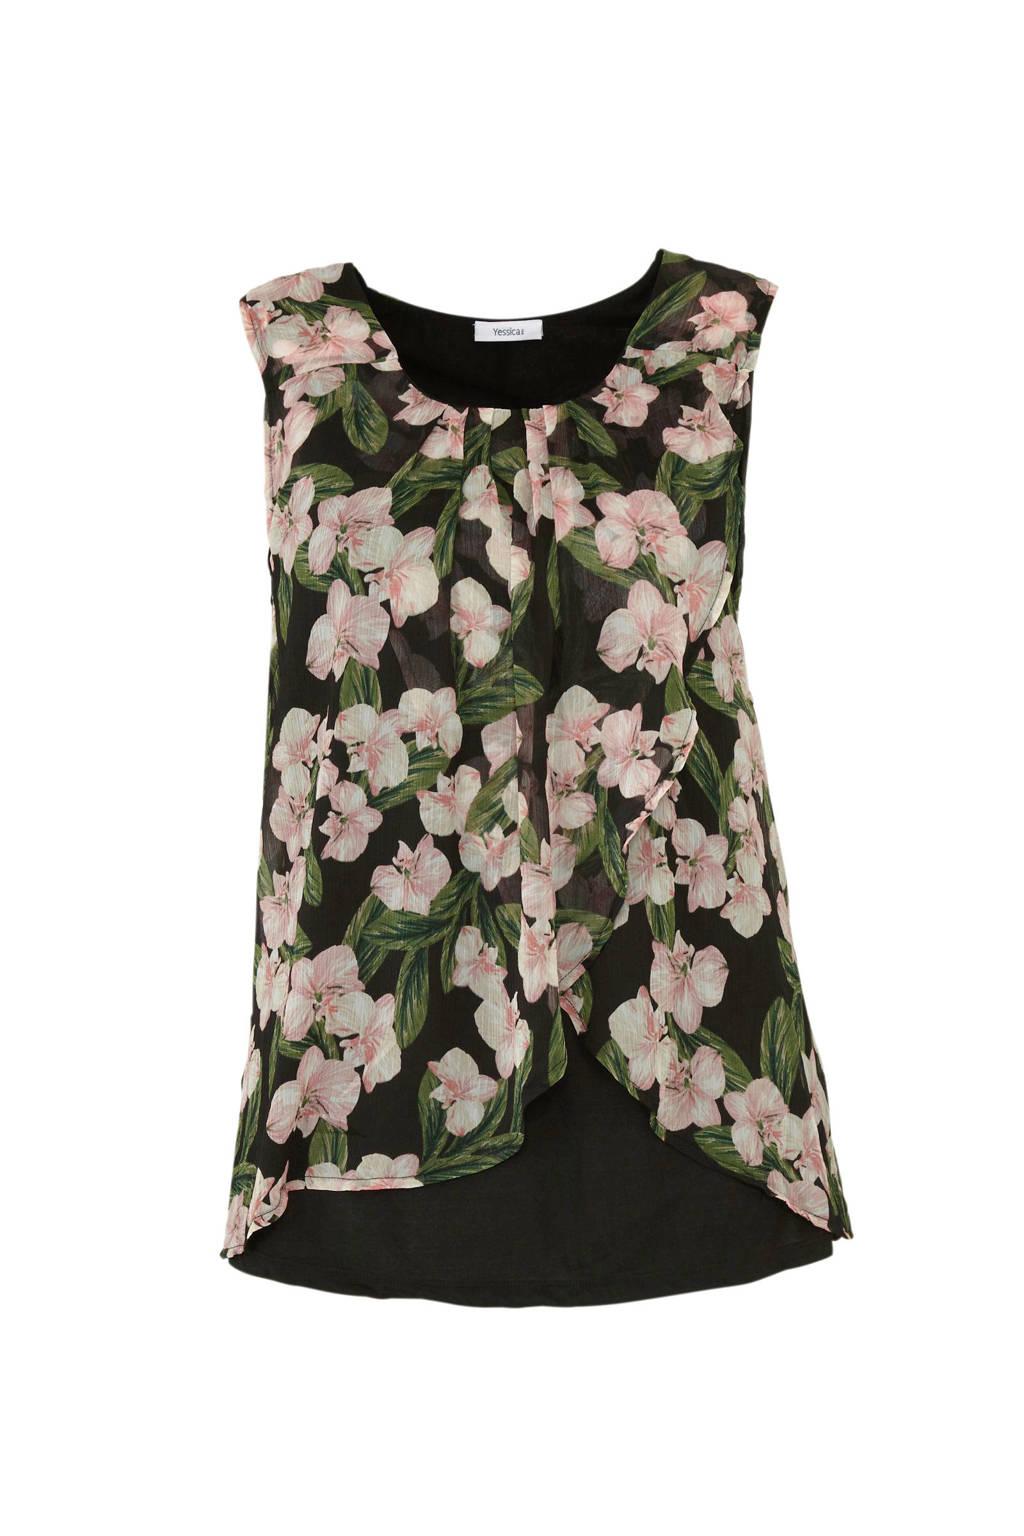 C&A XL Yessica gebloemde mouwloze top zwart, Zwart/roze/groen